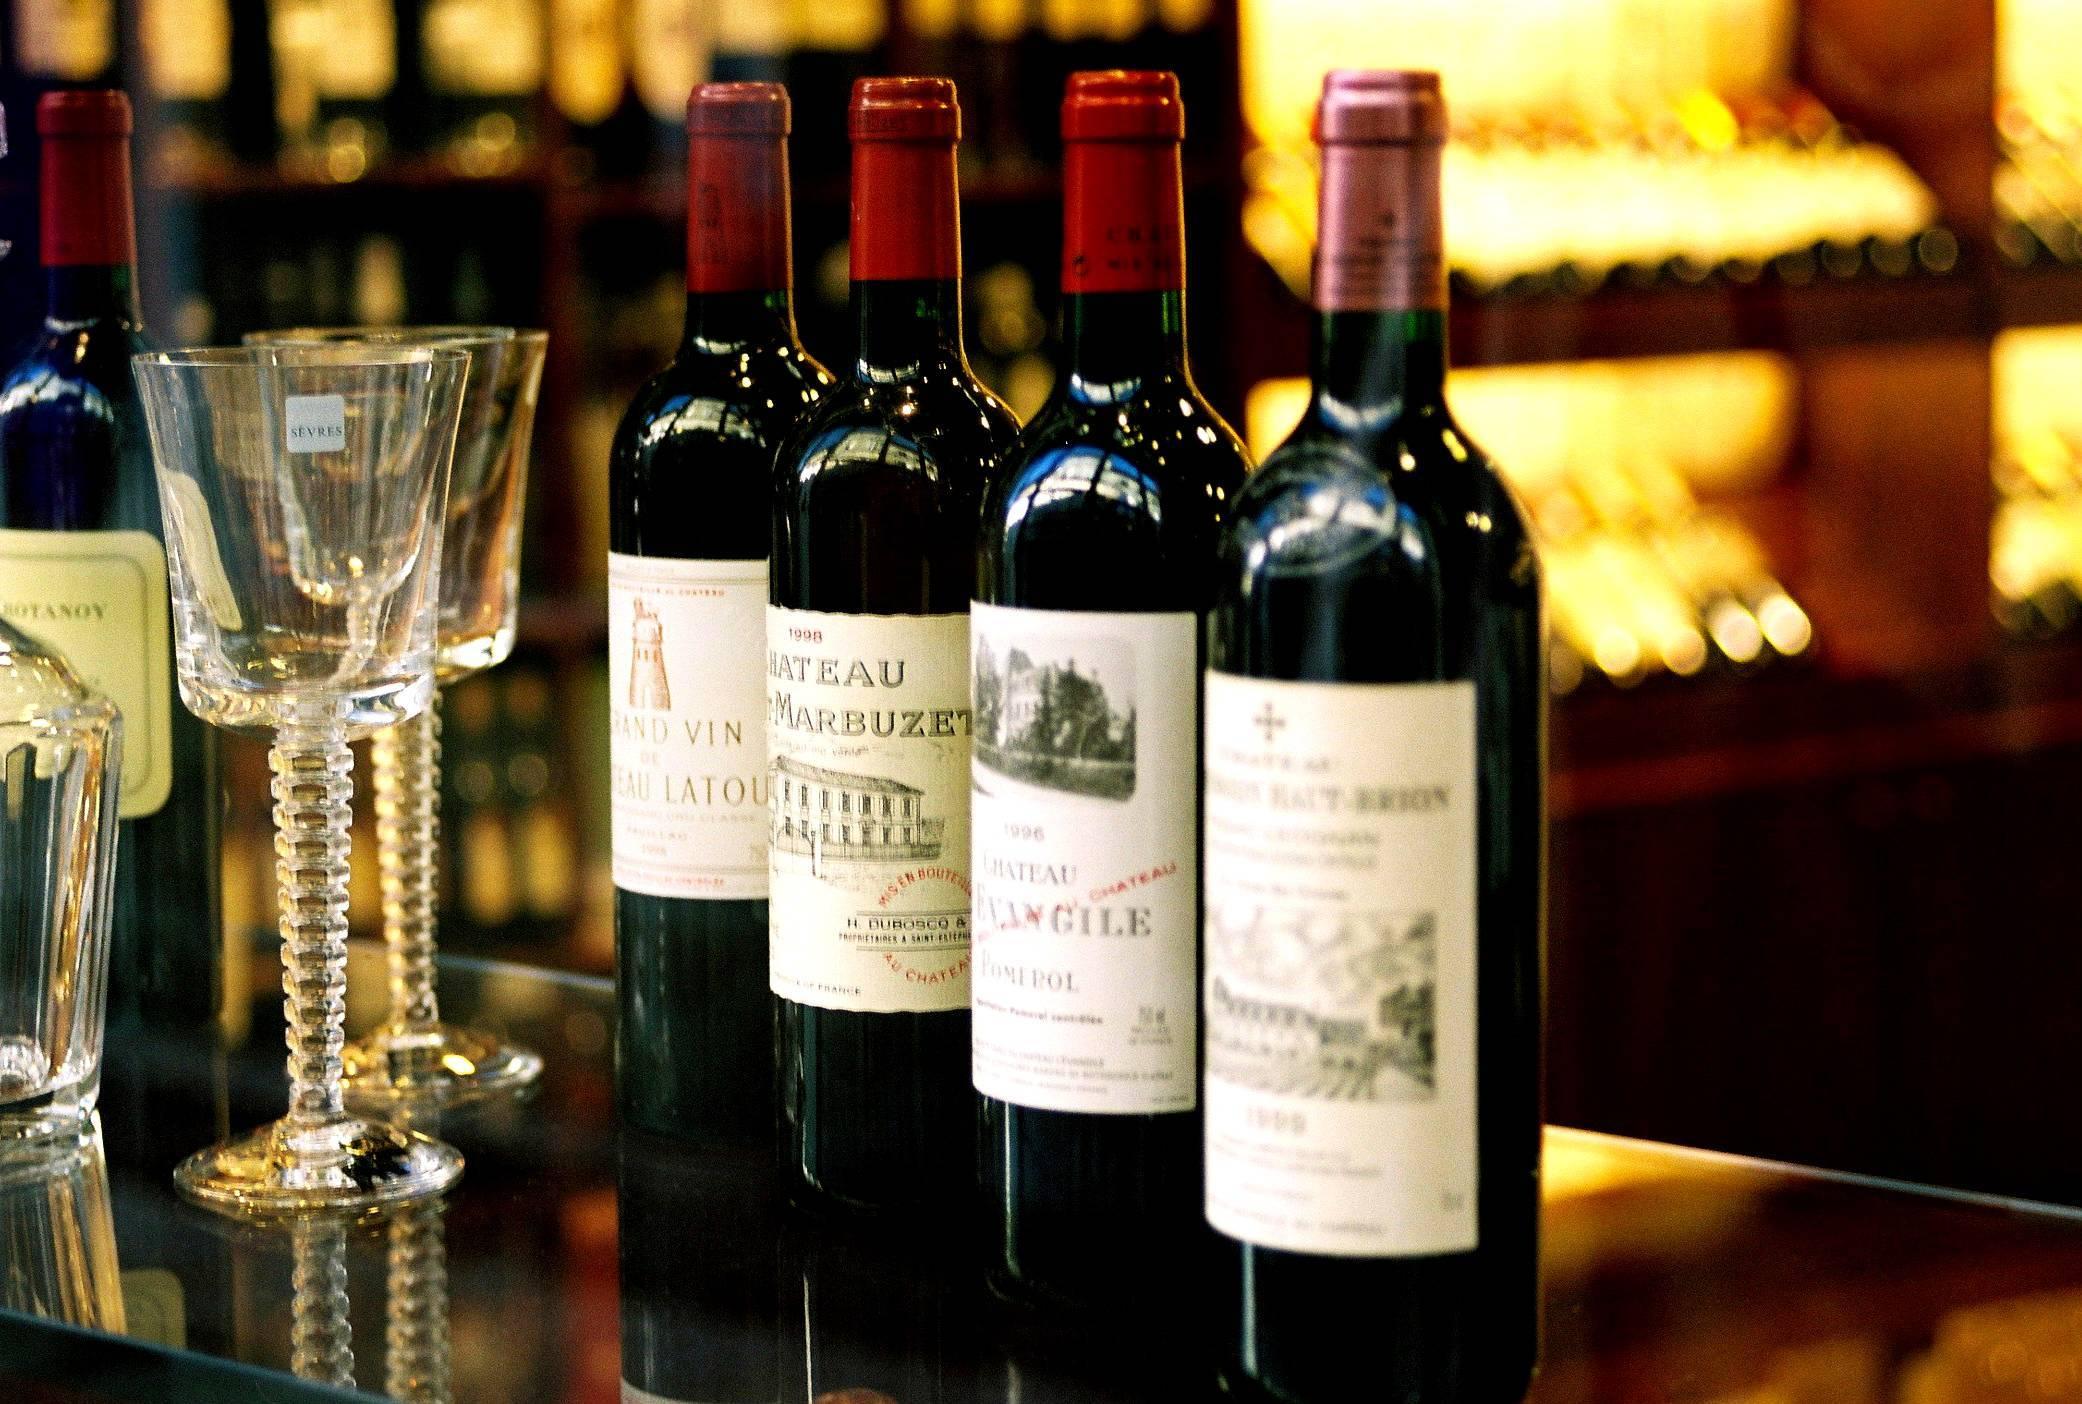 История виноделия в регионе бордо с начала xx века до наших дней